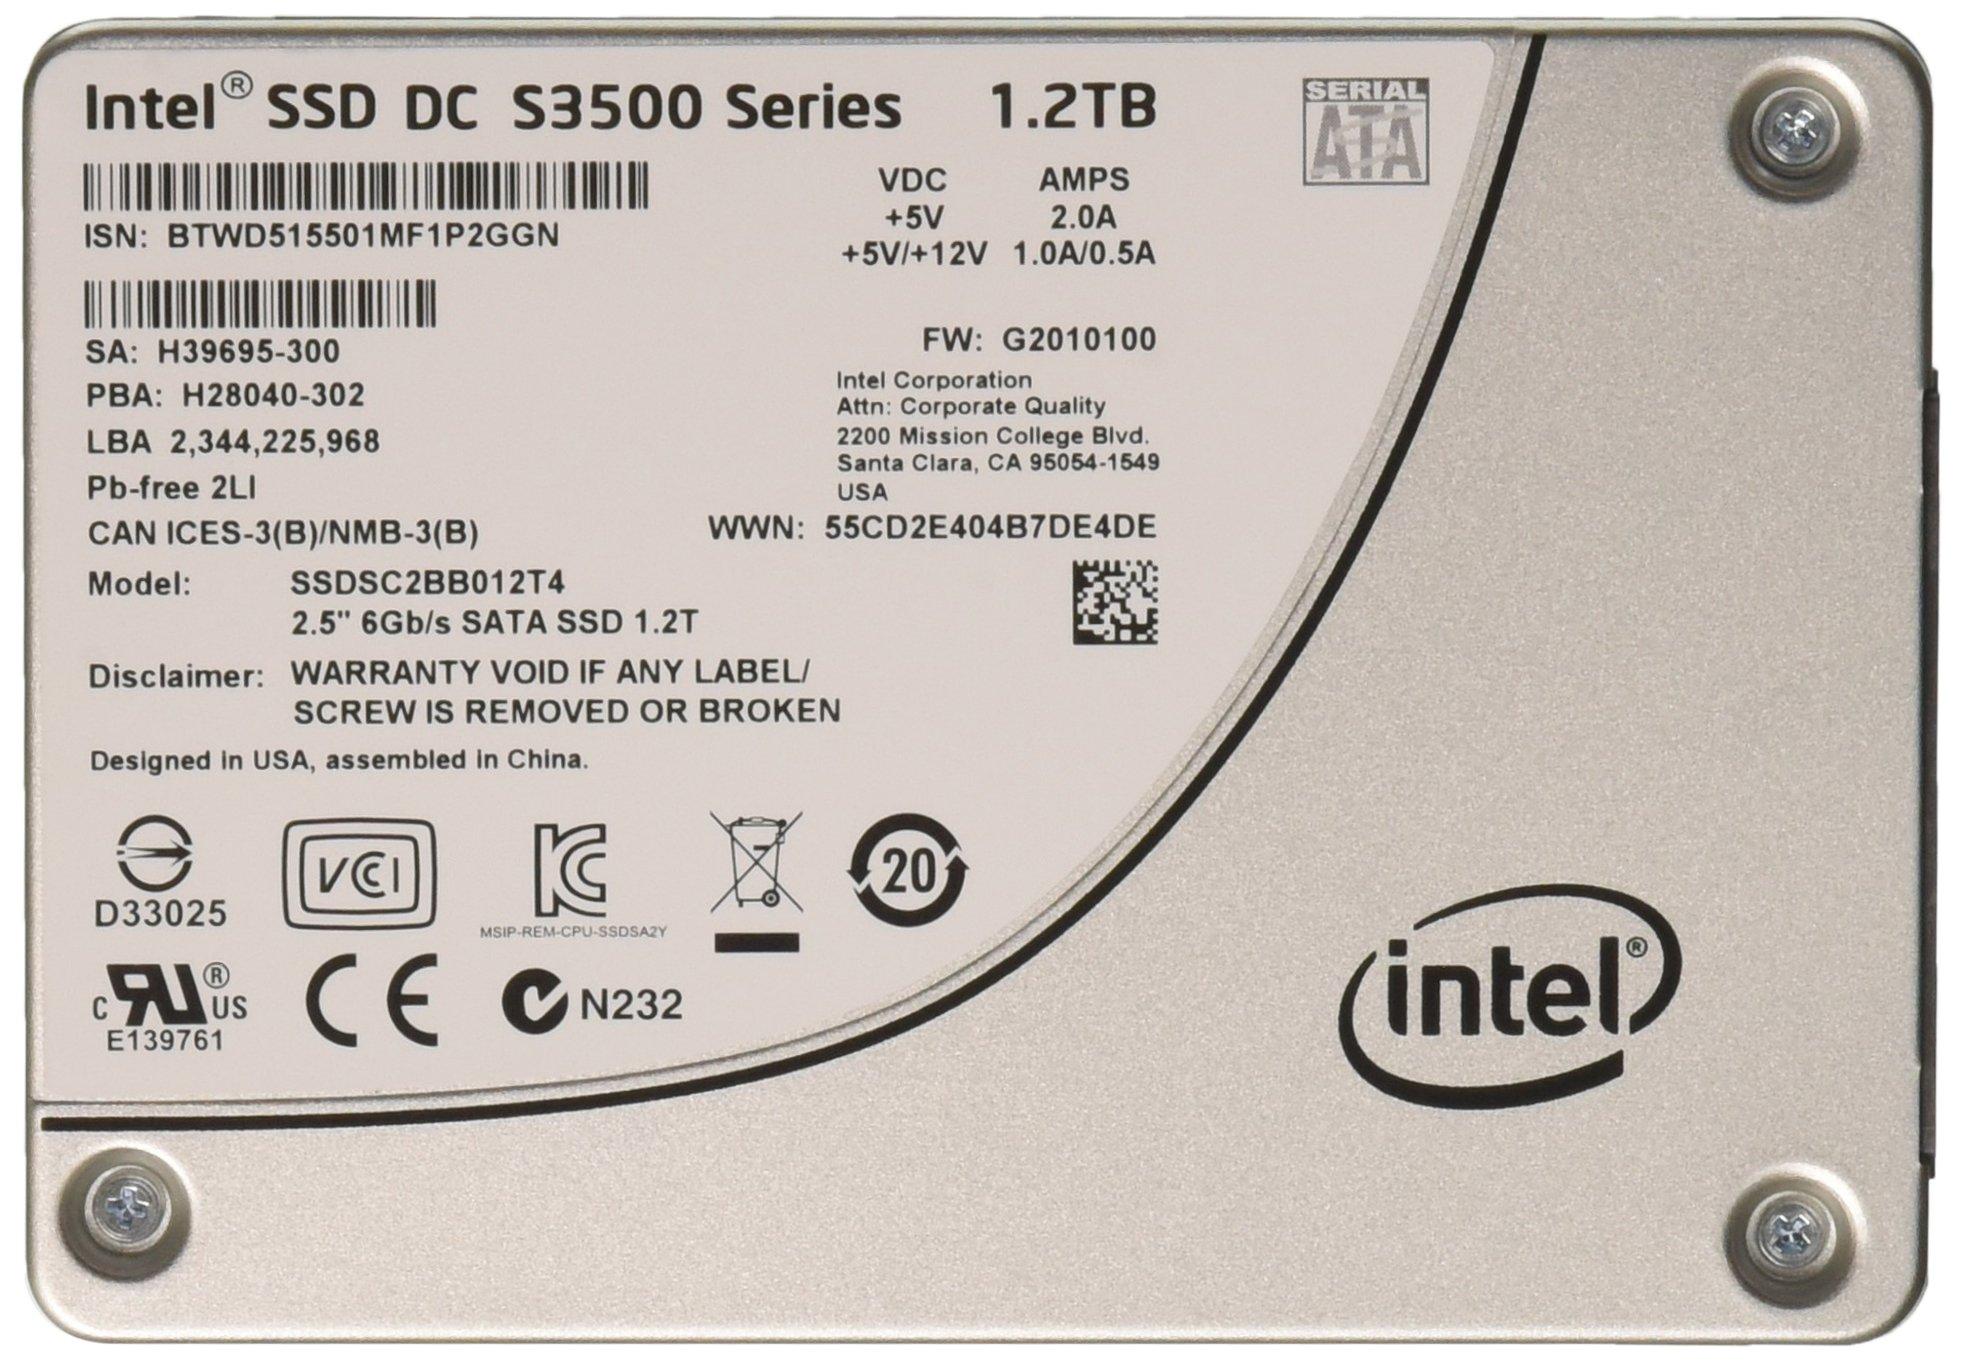 SSD 2TB SATA Intel DC S3500 Series SC2BB012T401 1.2TB 6Gb/s